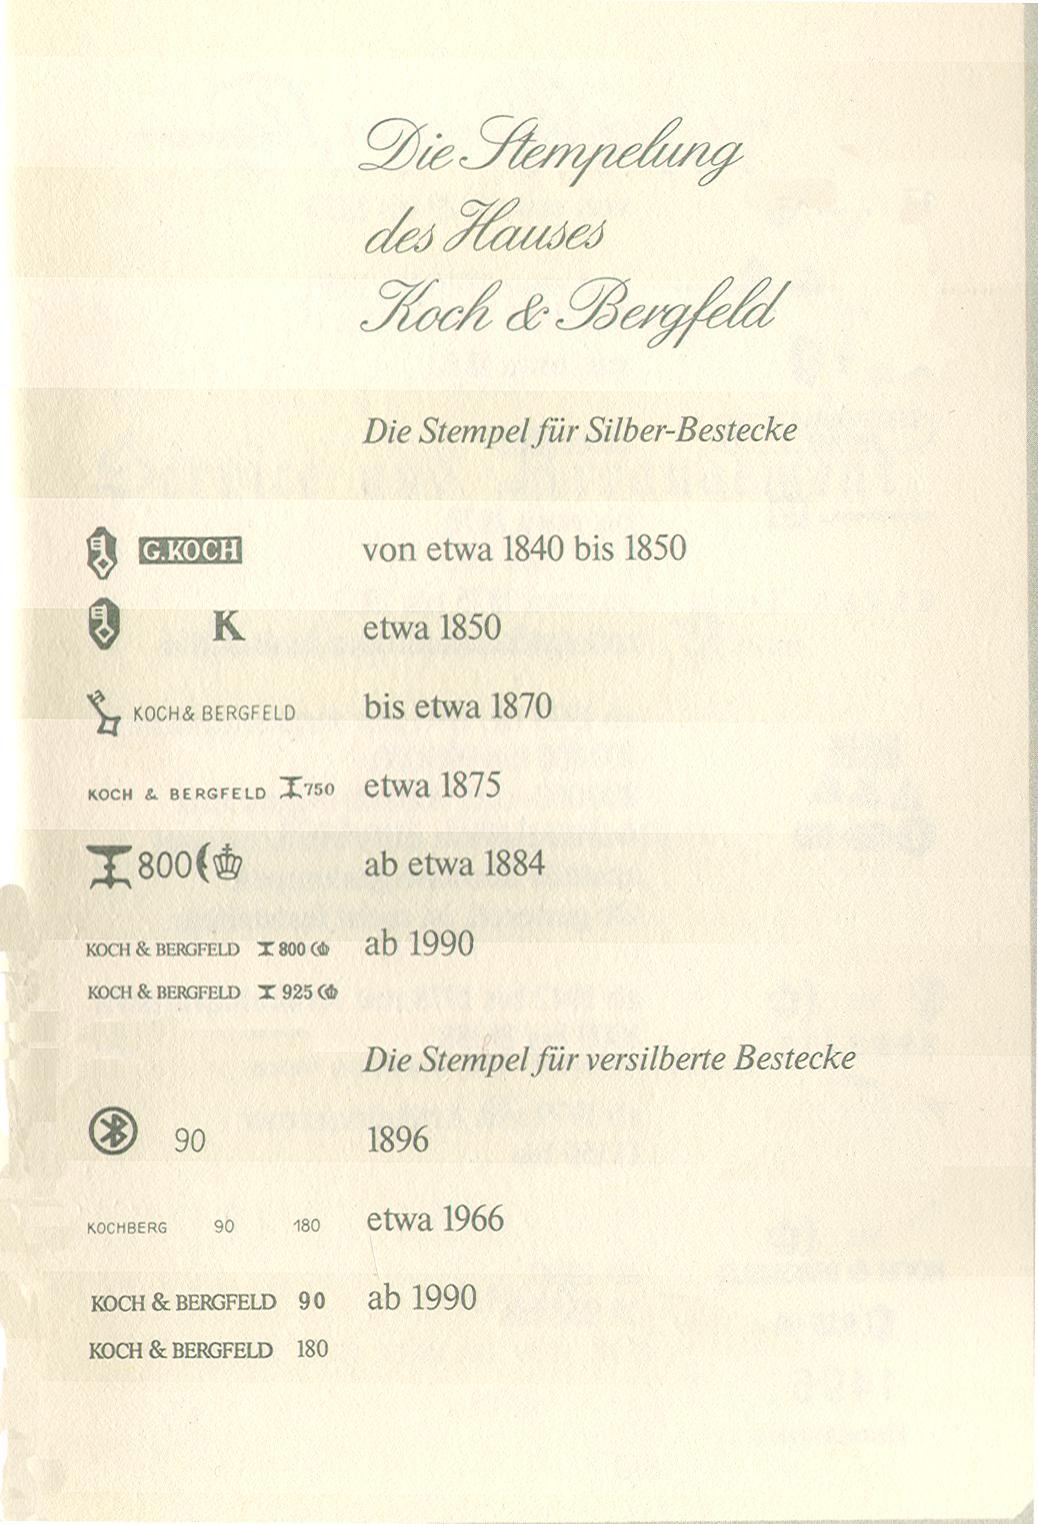 Datei stempelungen koch bergfeld jpg wikipedia for Koch wikipedia